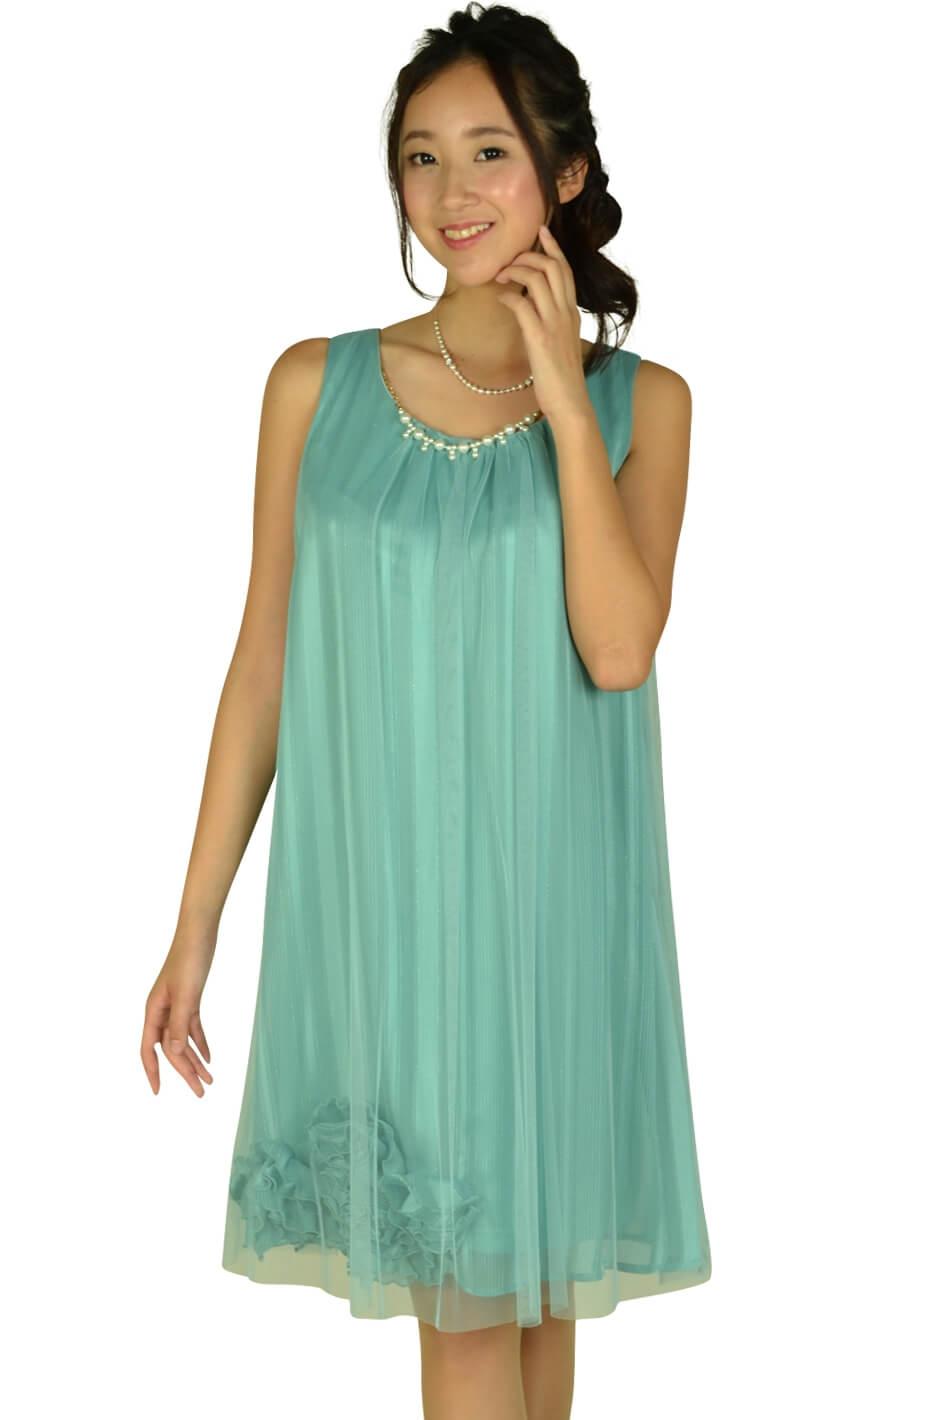 アシール(ASHILL) チュールストライプミントカラードレス